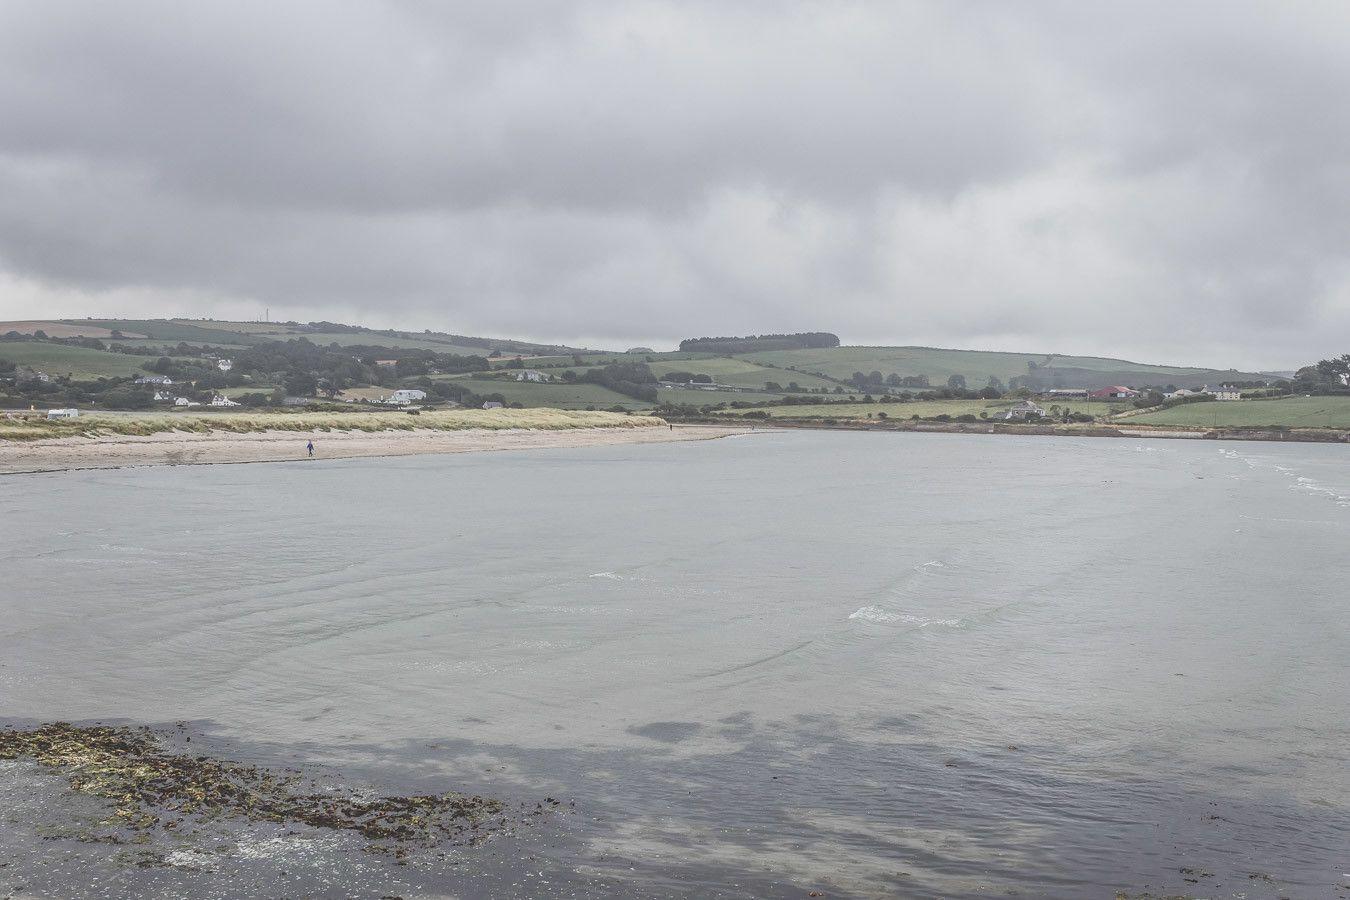 La plage d'Inchydoney Beach dans le comté de Cork en Irlande